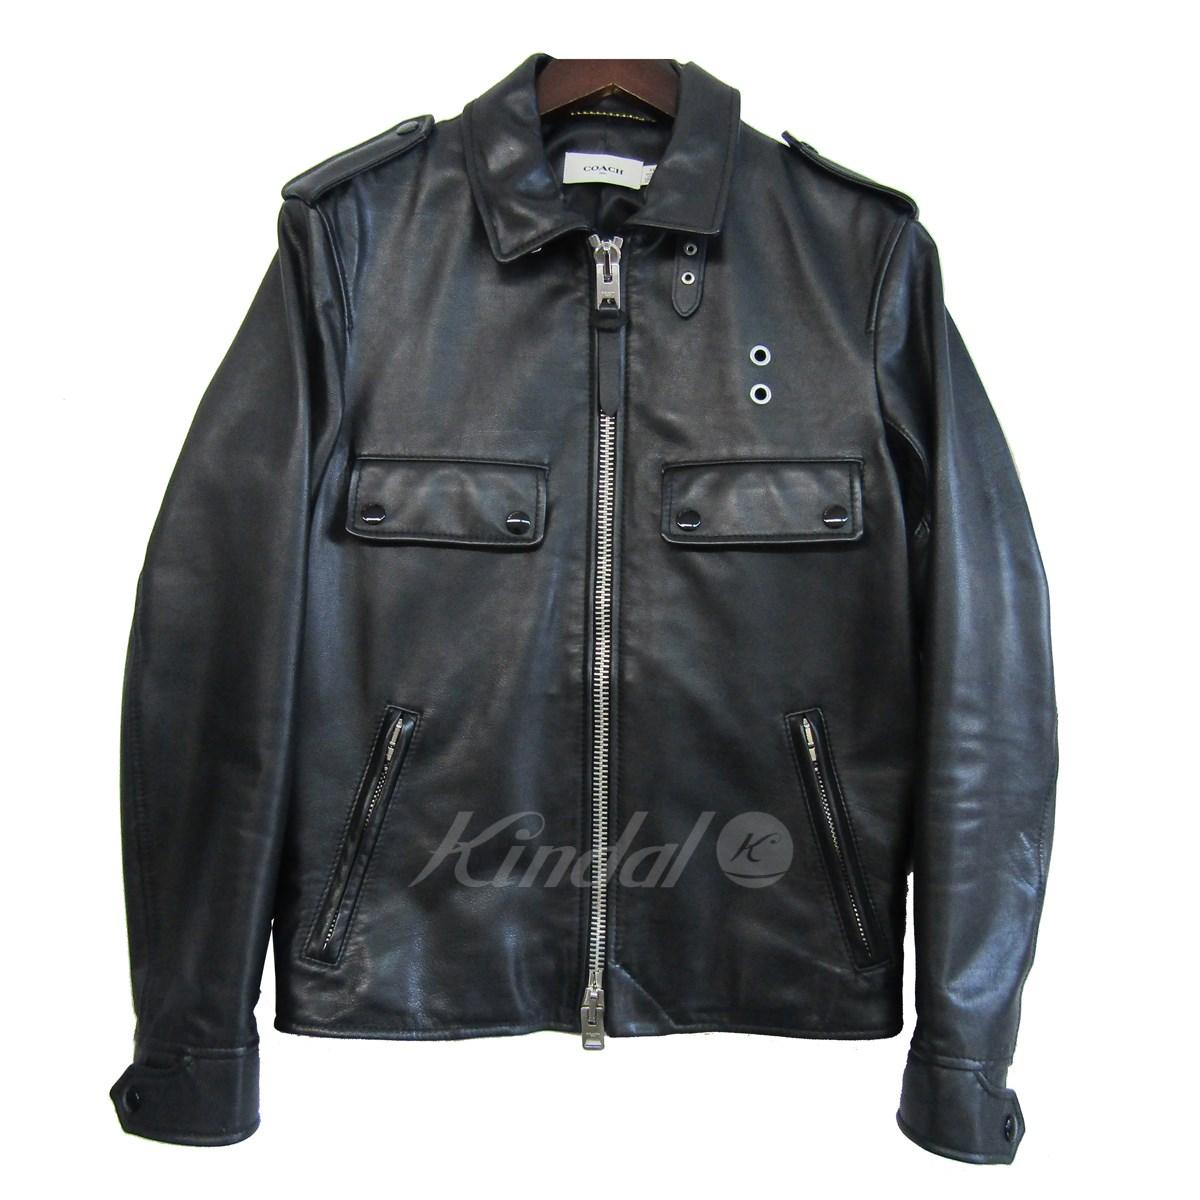 【中古】COACHバック裾切替シングルライダースジャケット ブラック サイズ:44【2月20日見直し】